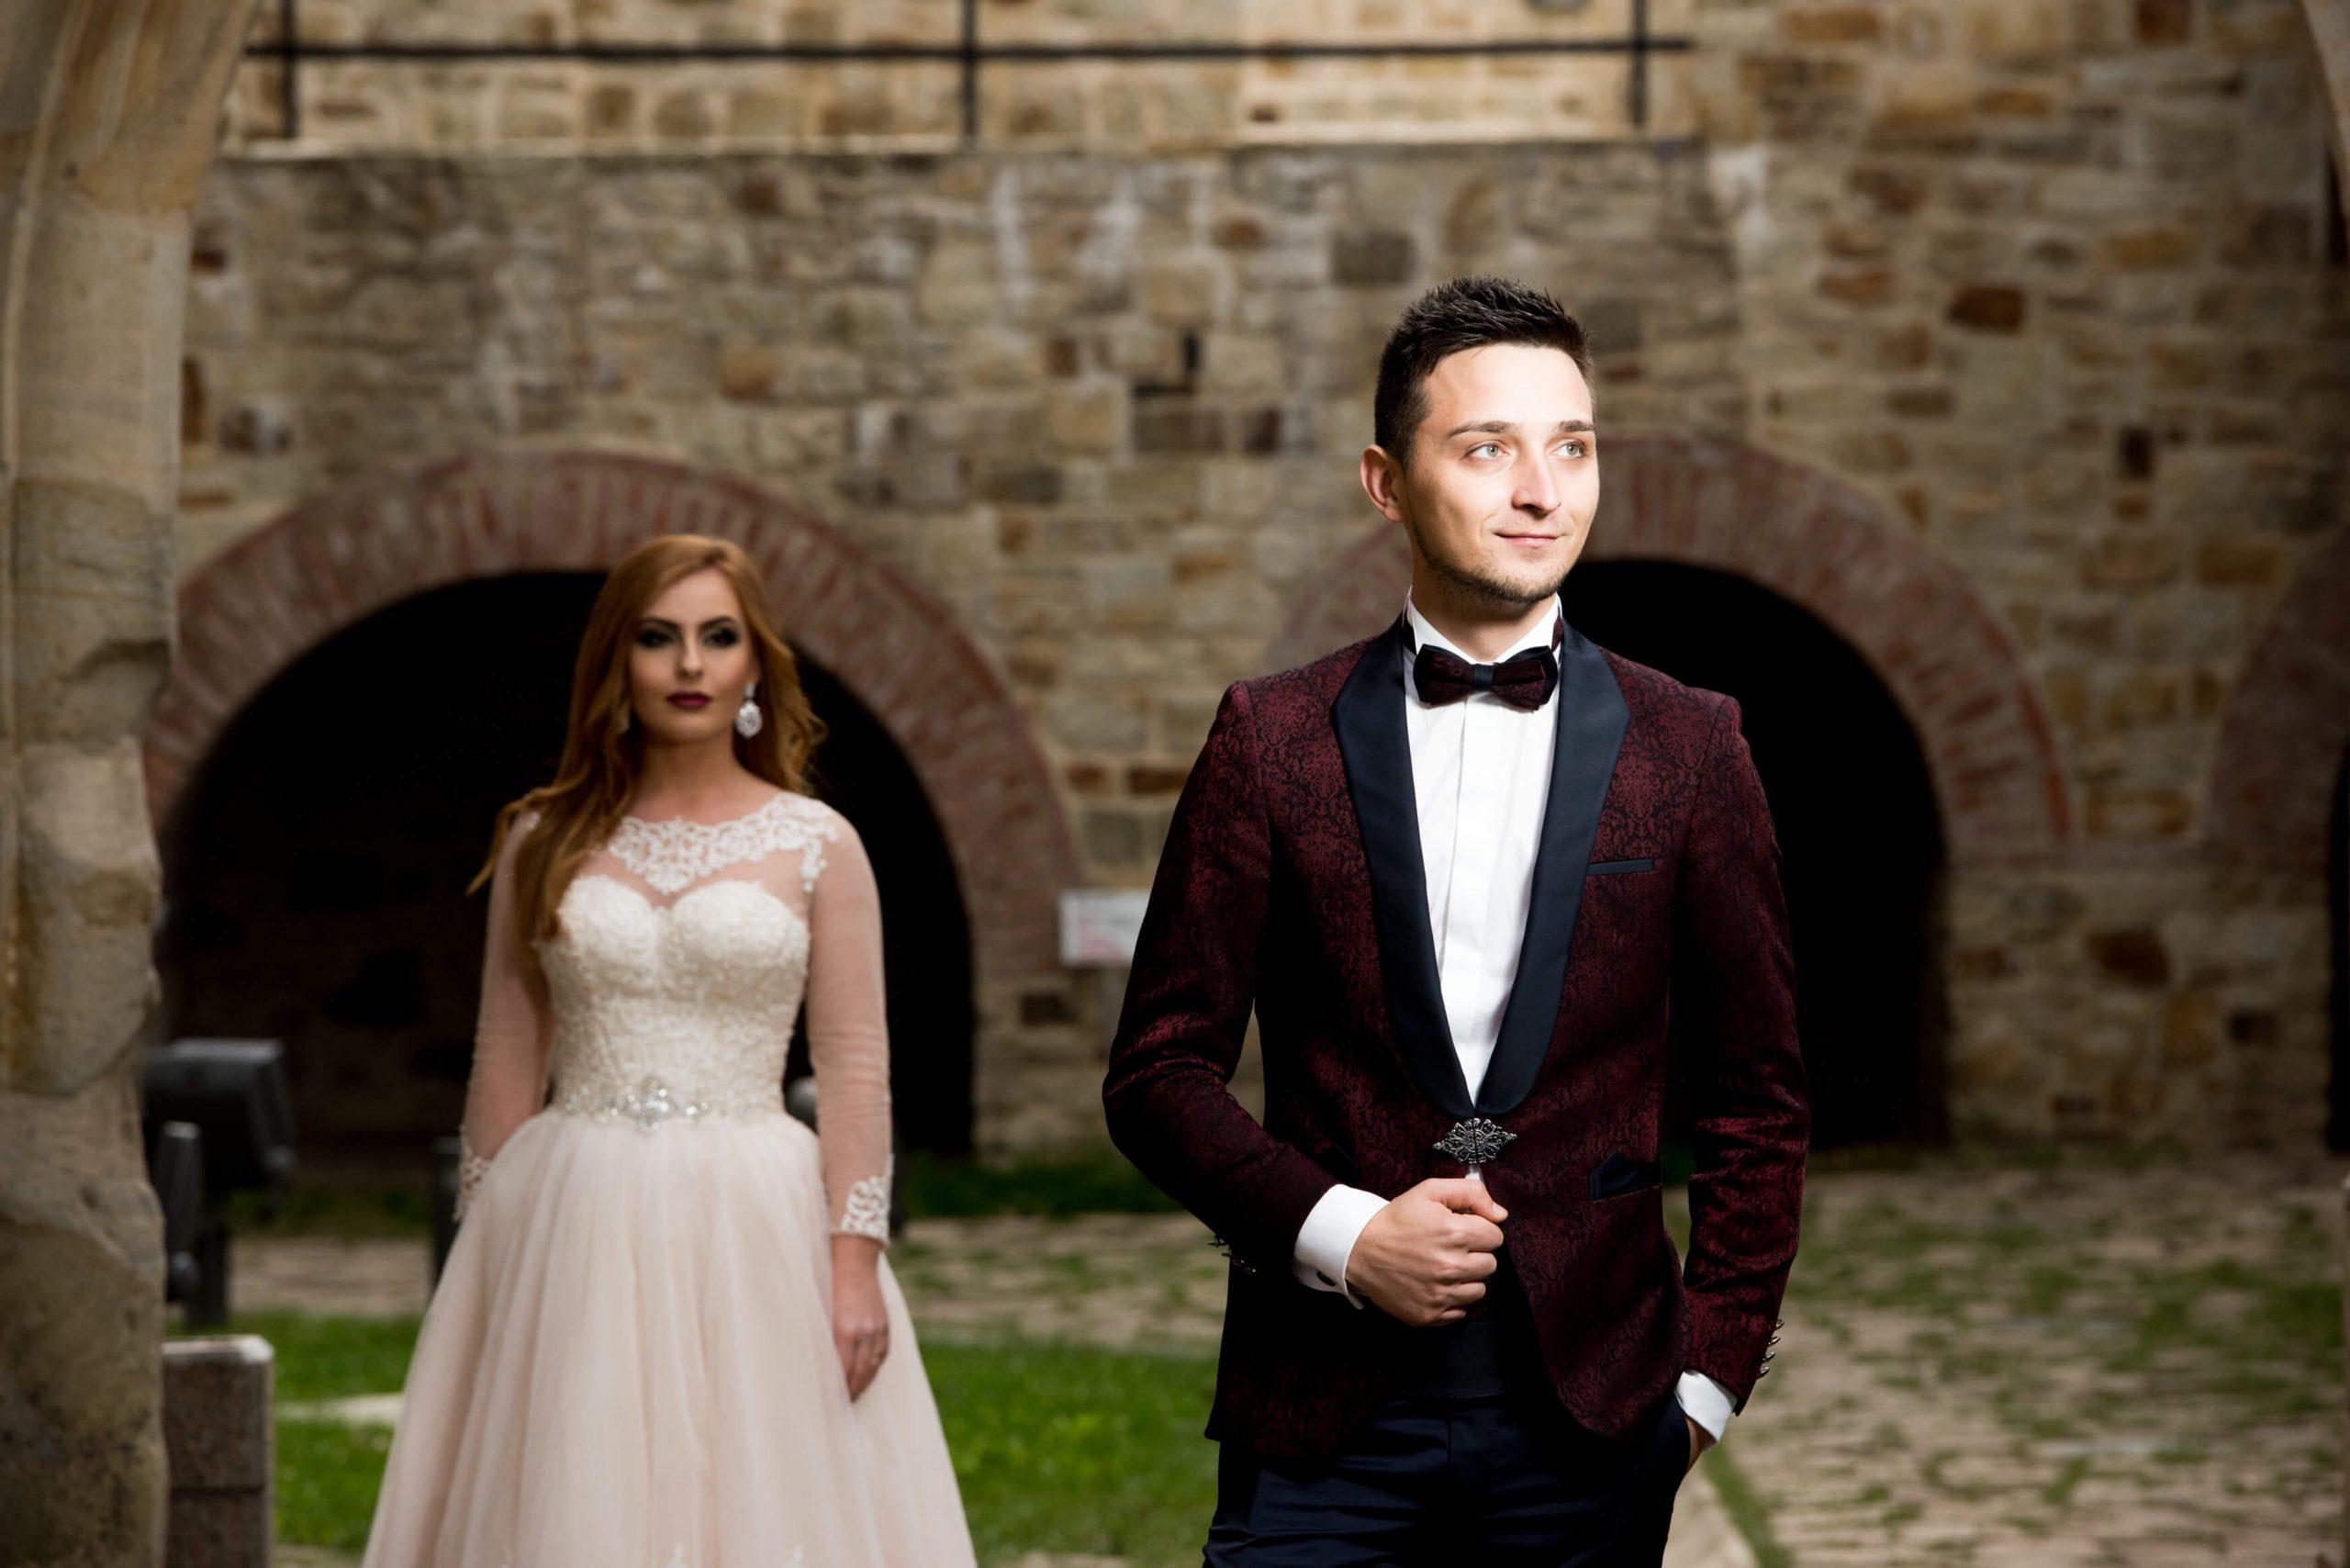 marius agrigoroaie fotograf de nunta botosani suceava 9